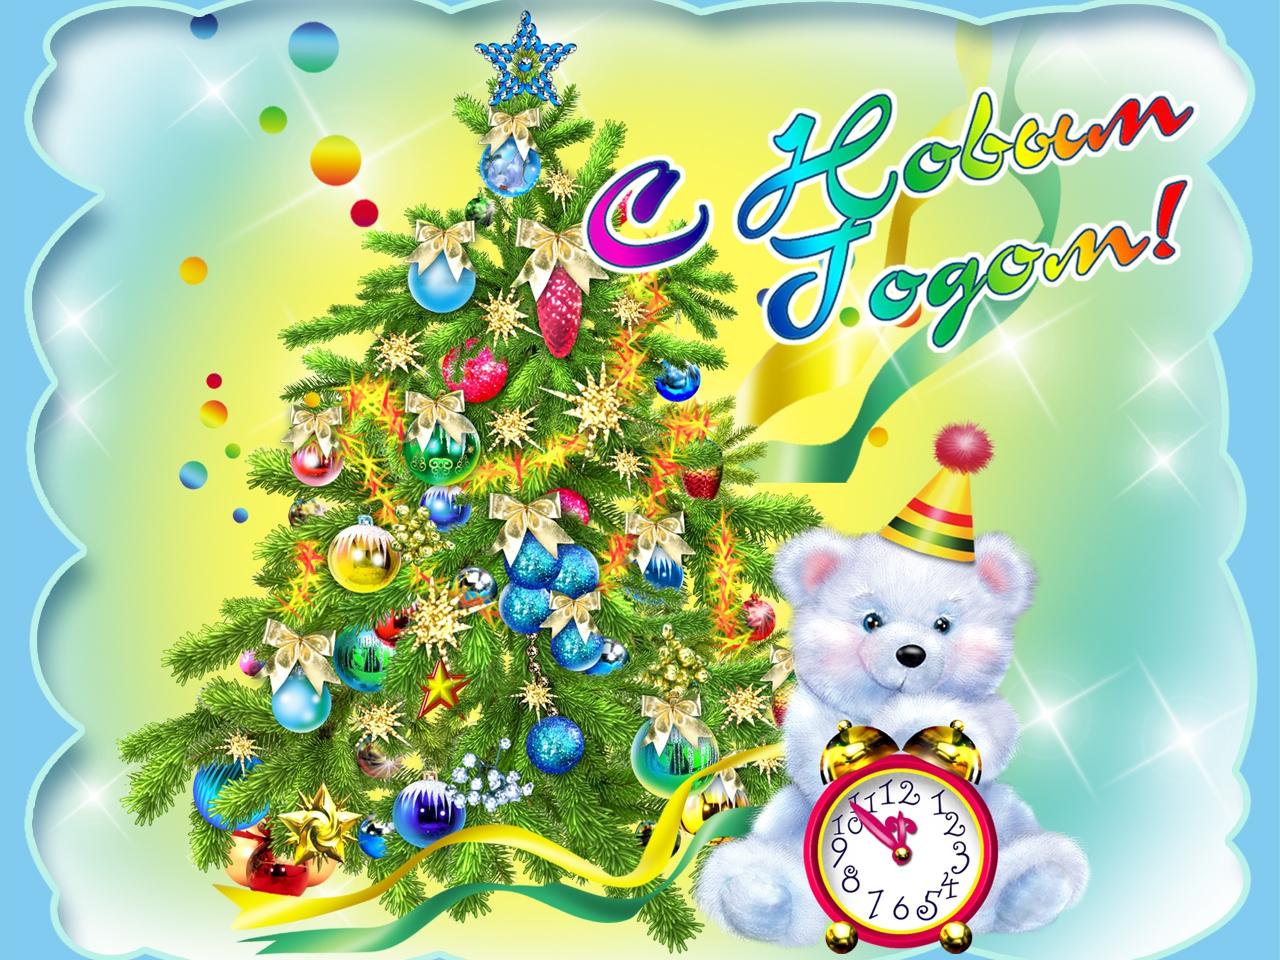 Новогодняя открытка - C наступающим новым годом 2017 поздравительные картинки